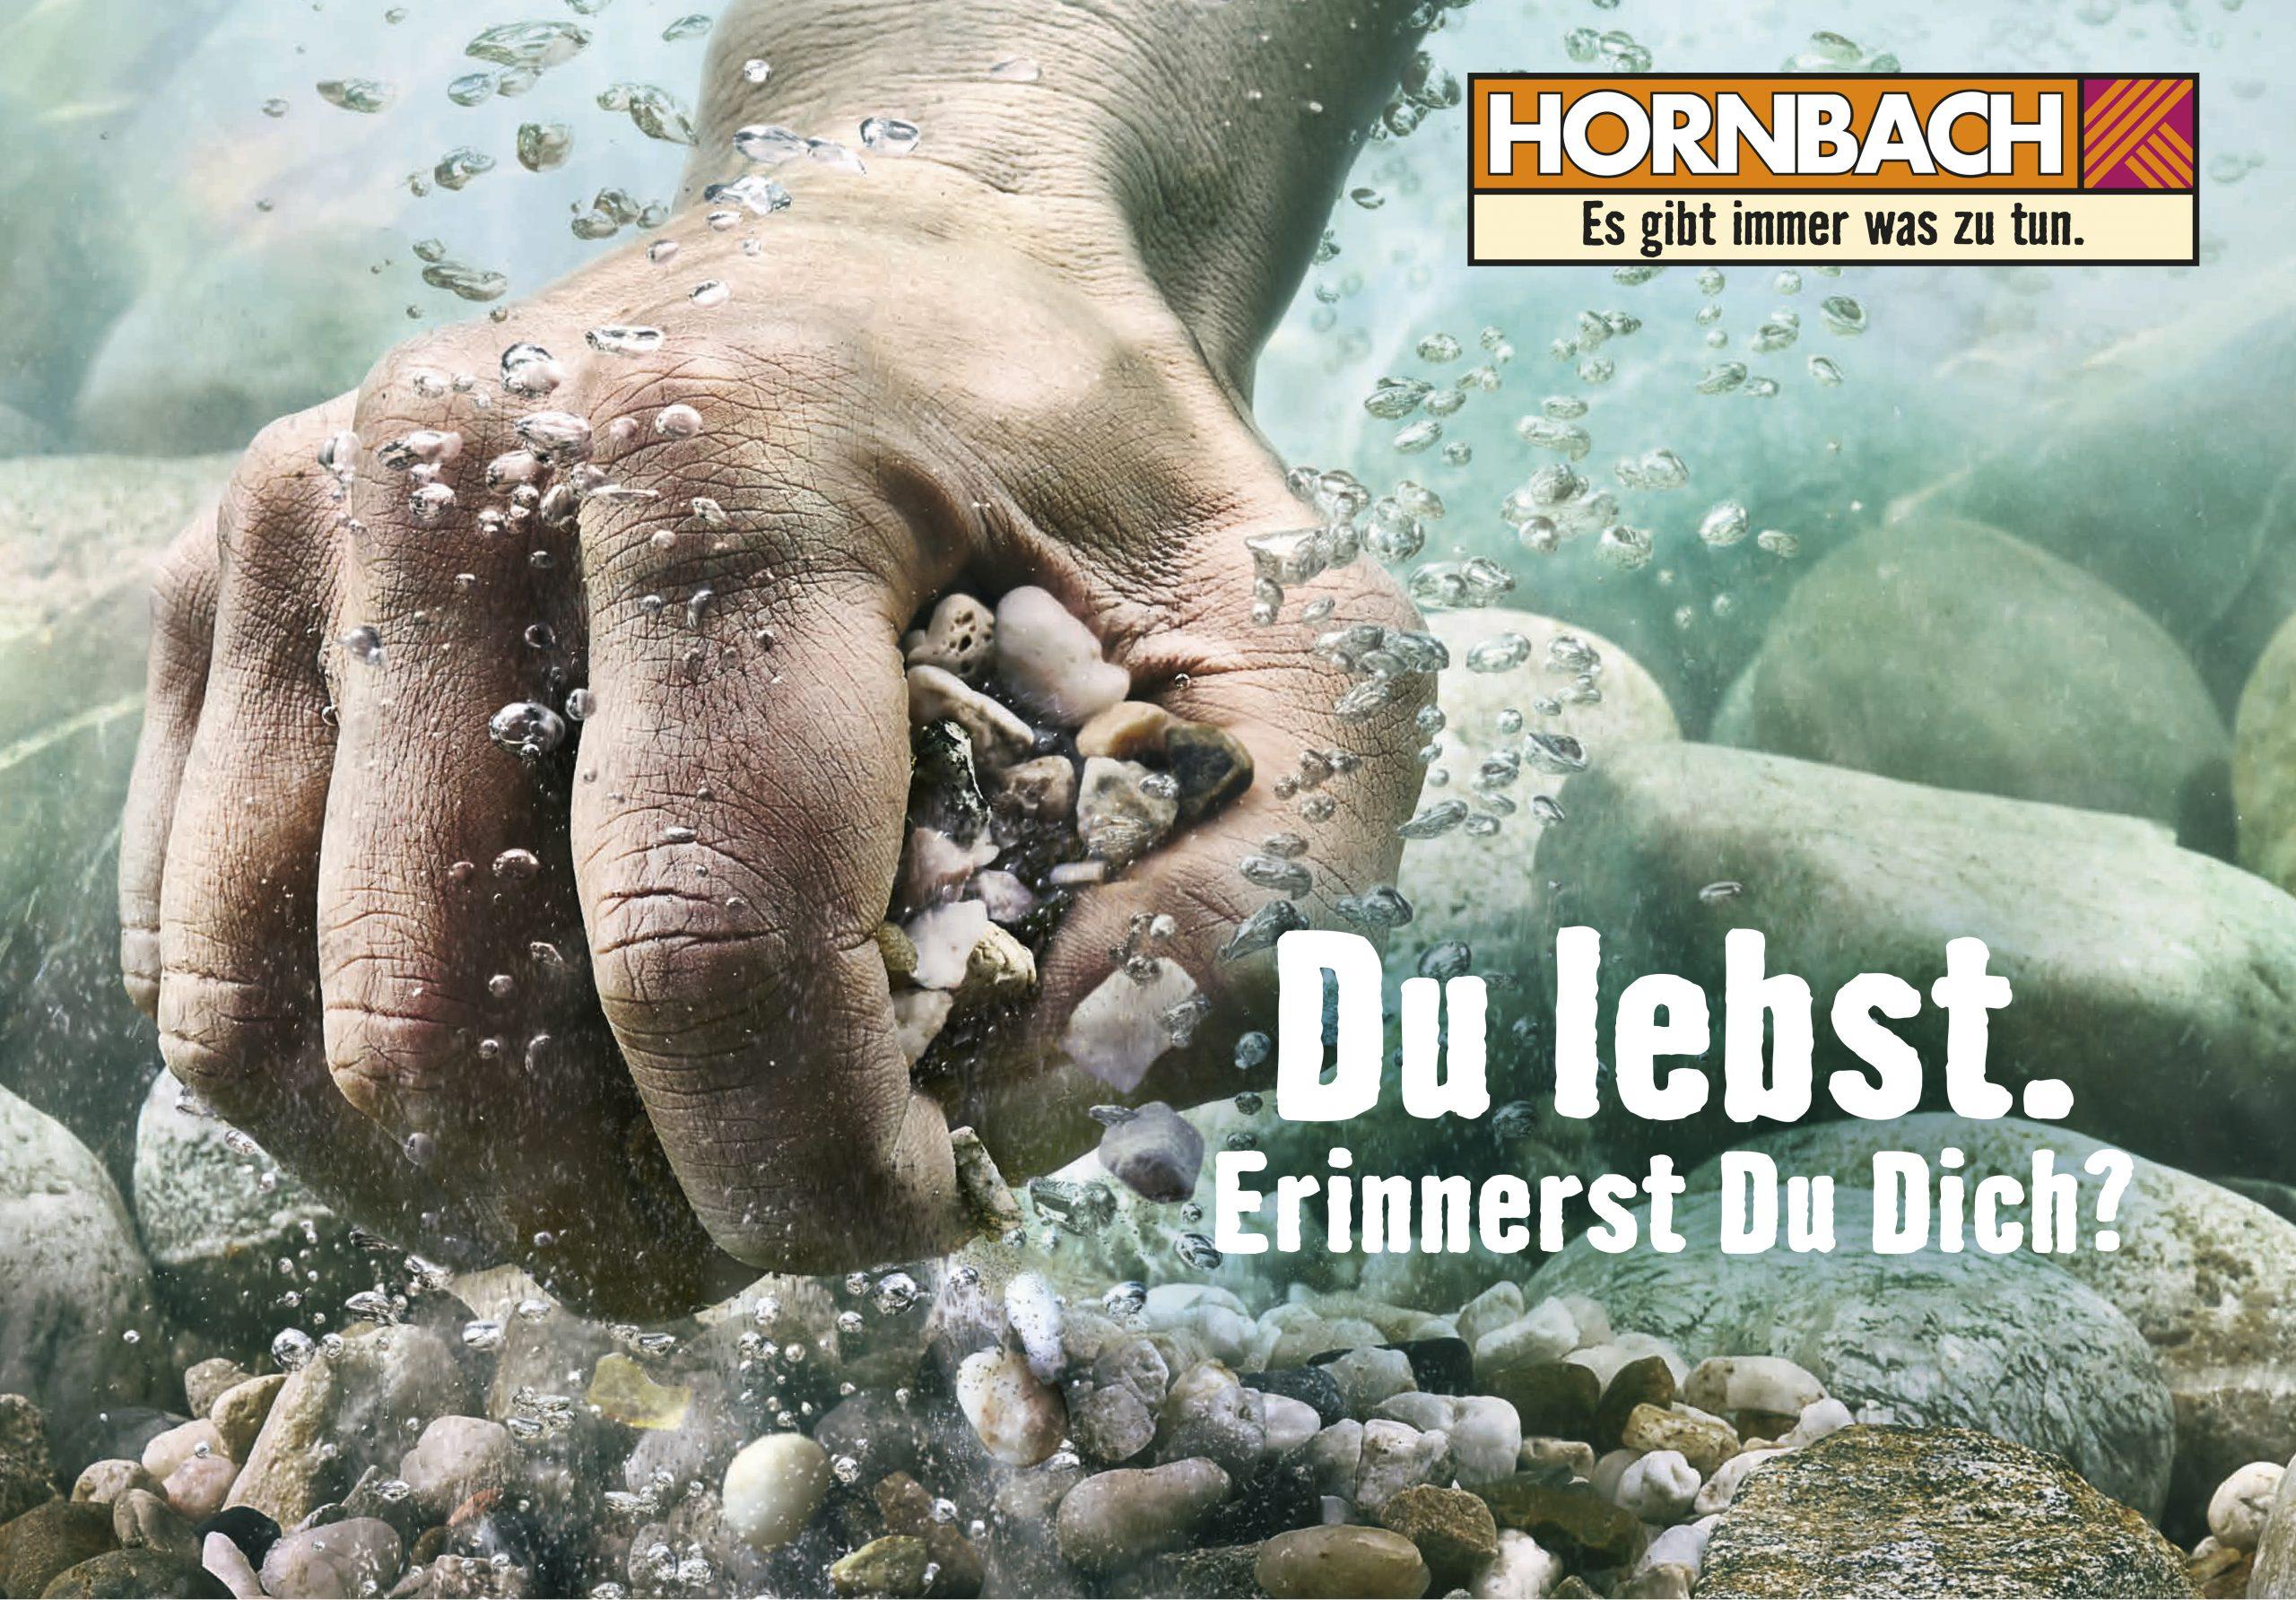 Hornbach Werbung als Beispiel für Design